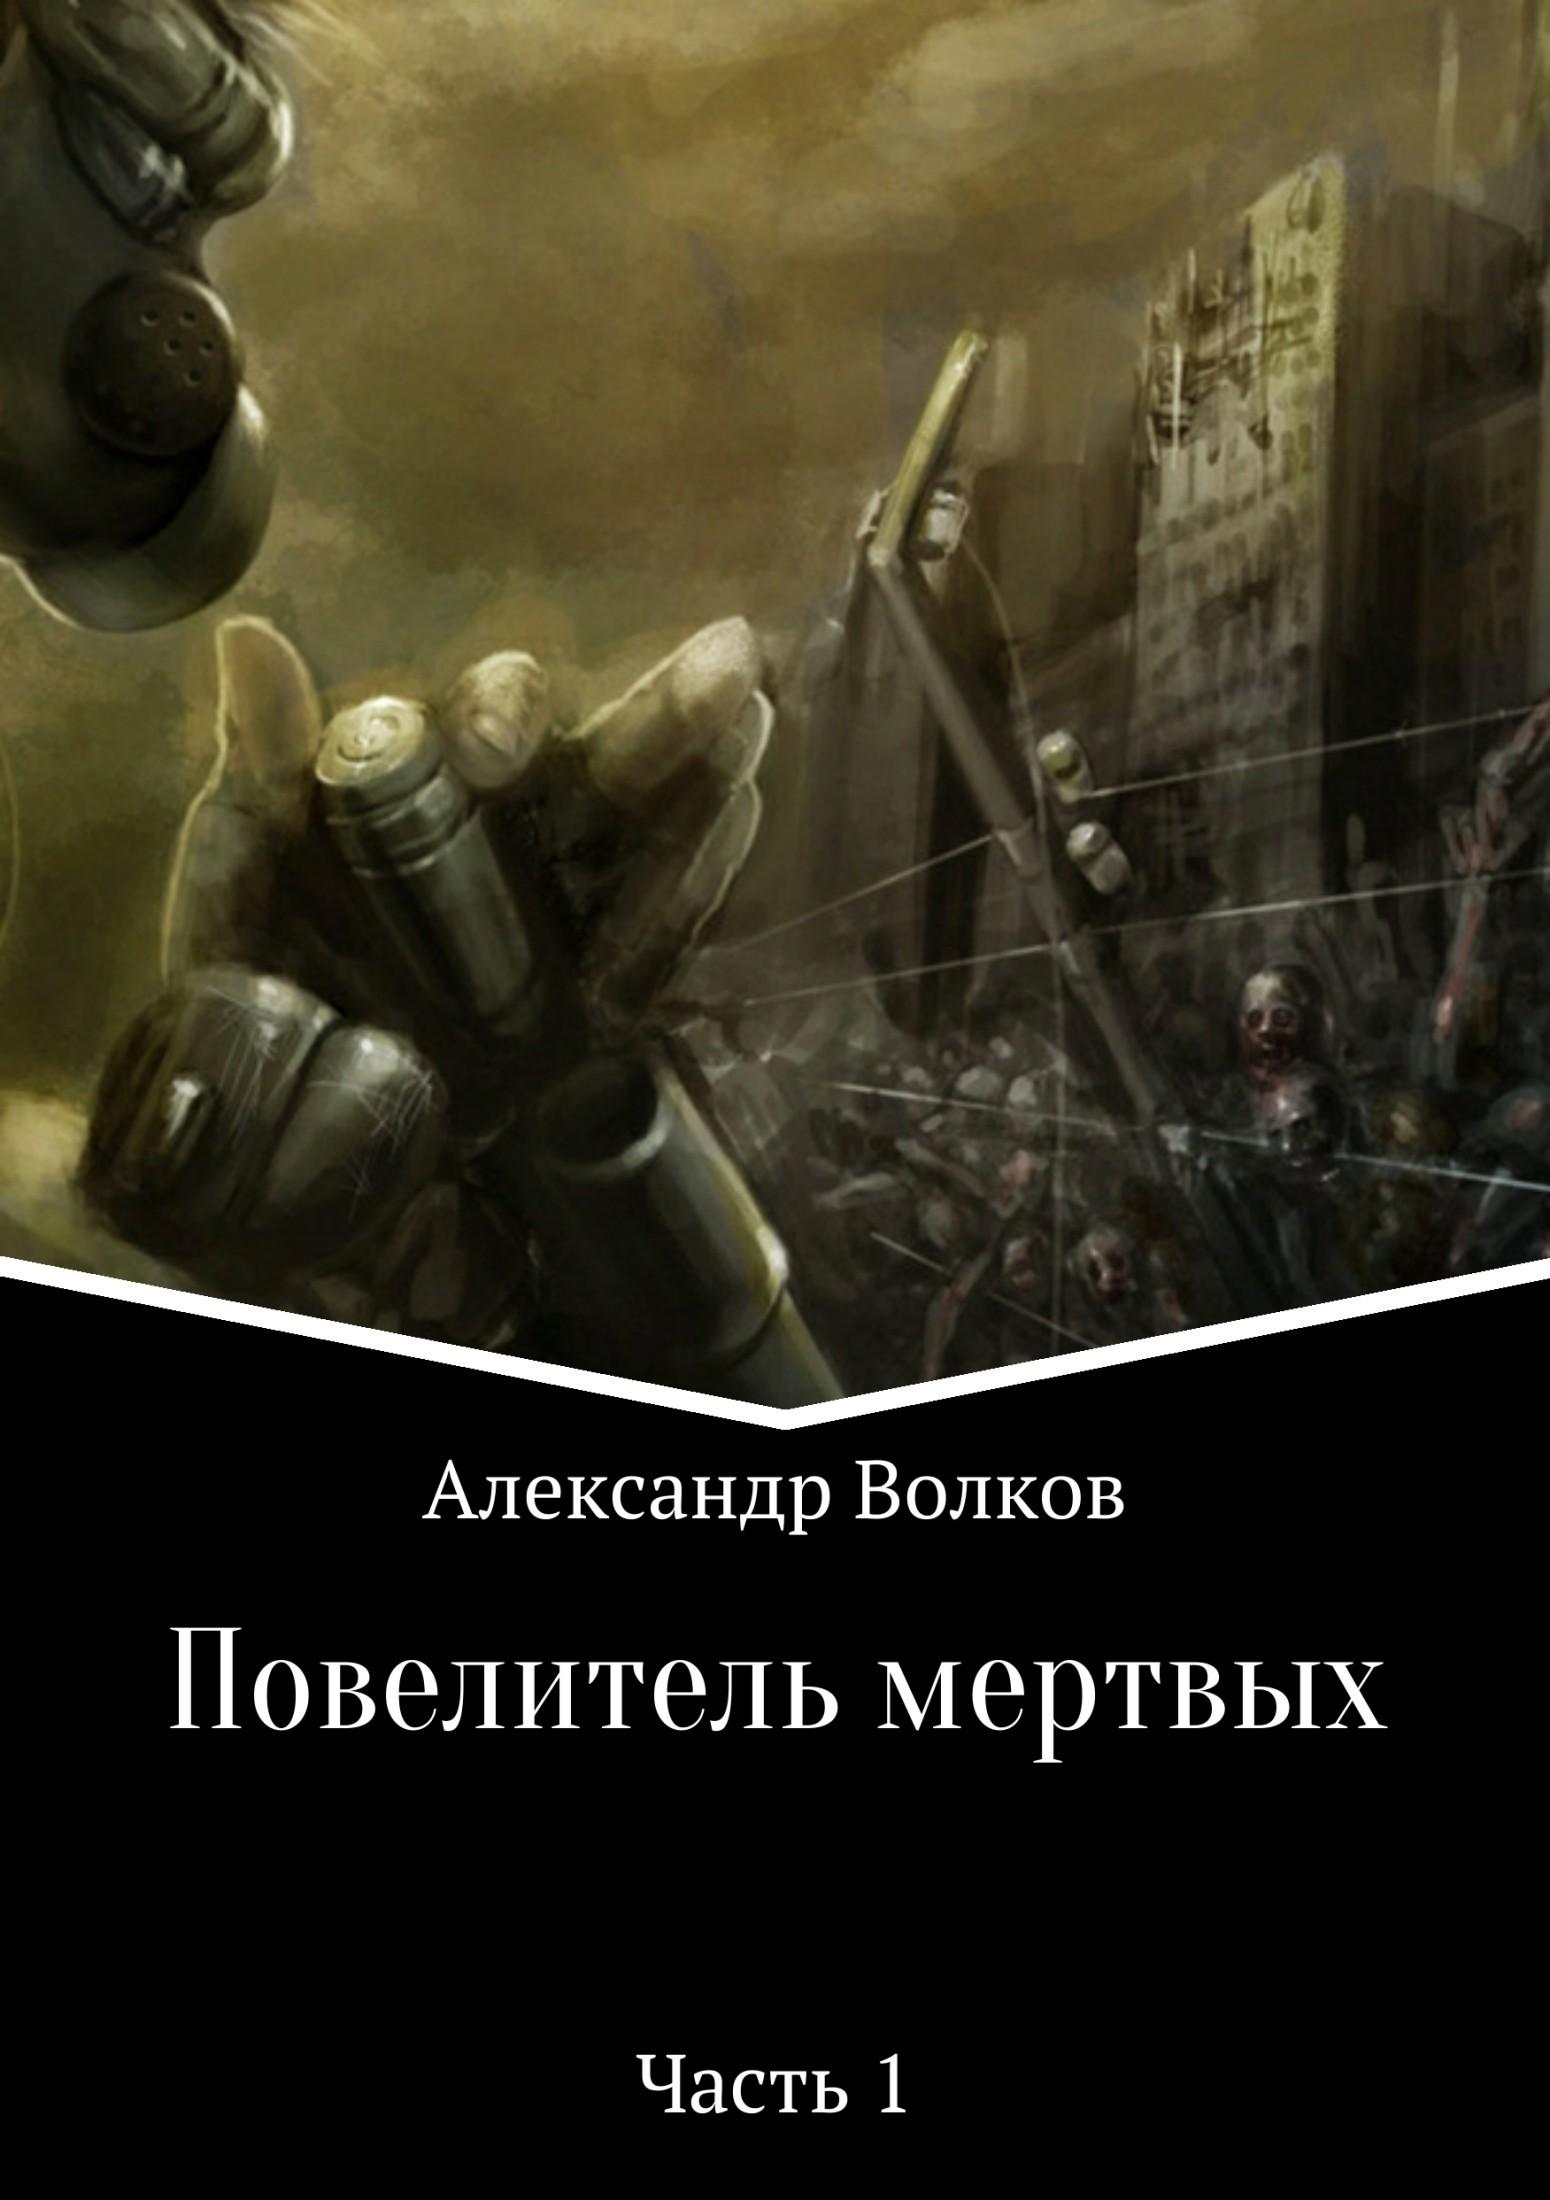 Александр Волков - Повелитель мертвых. Часть 1